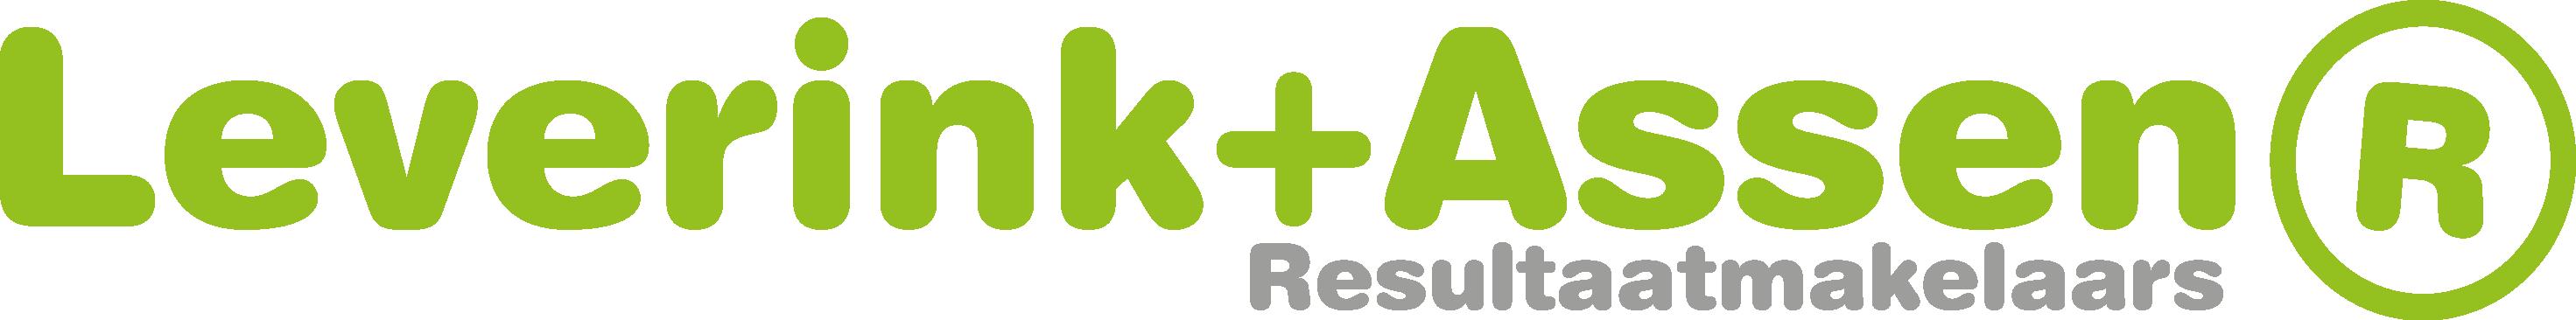 Logo Leverink + Assen Resultaatmakelaars